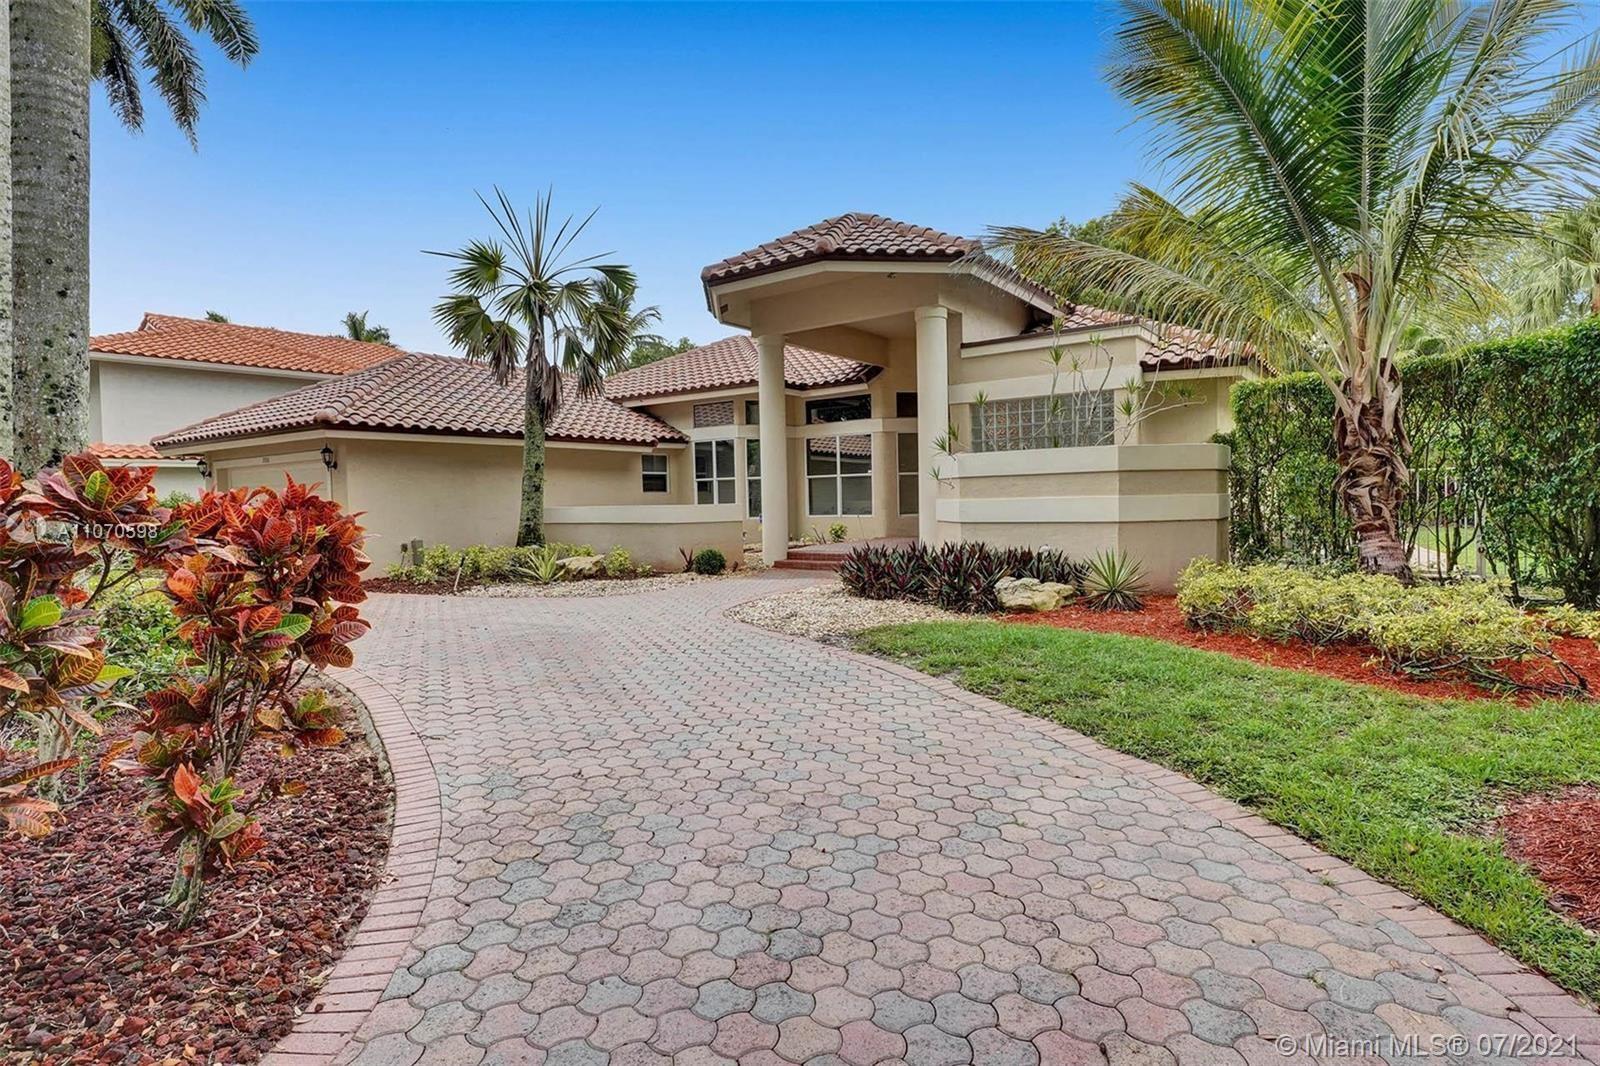 3500 Washington Lane, Cooper City, FL 33026 - #: A11070598